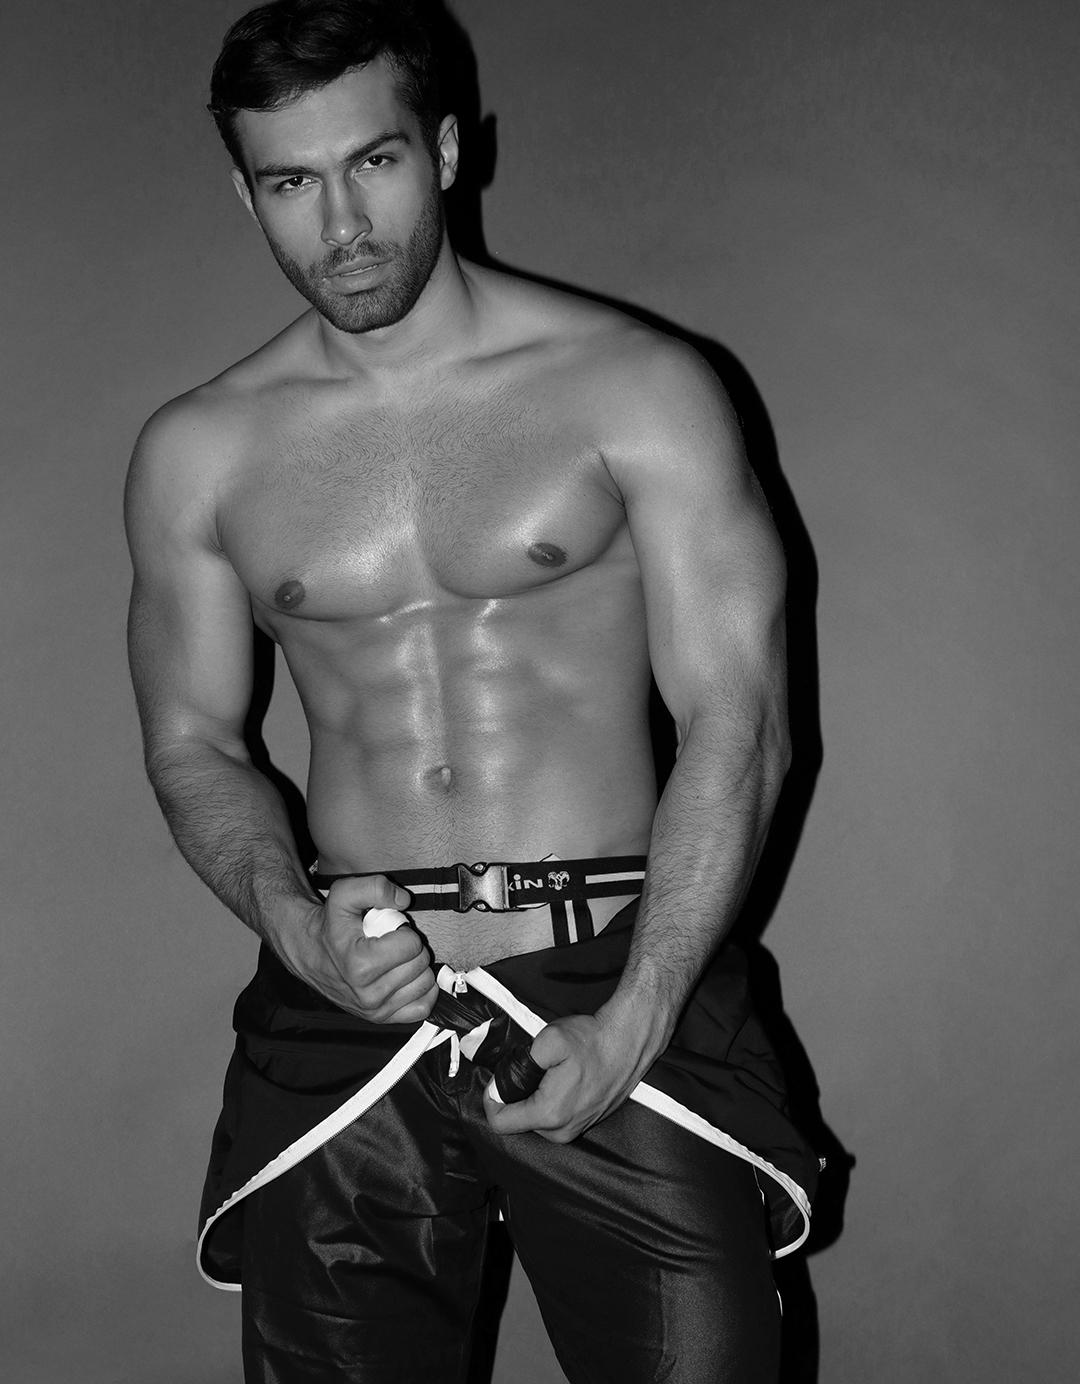 201807221051509 - 美国健身肌肉男模 Łukasz Zarazowski